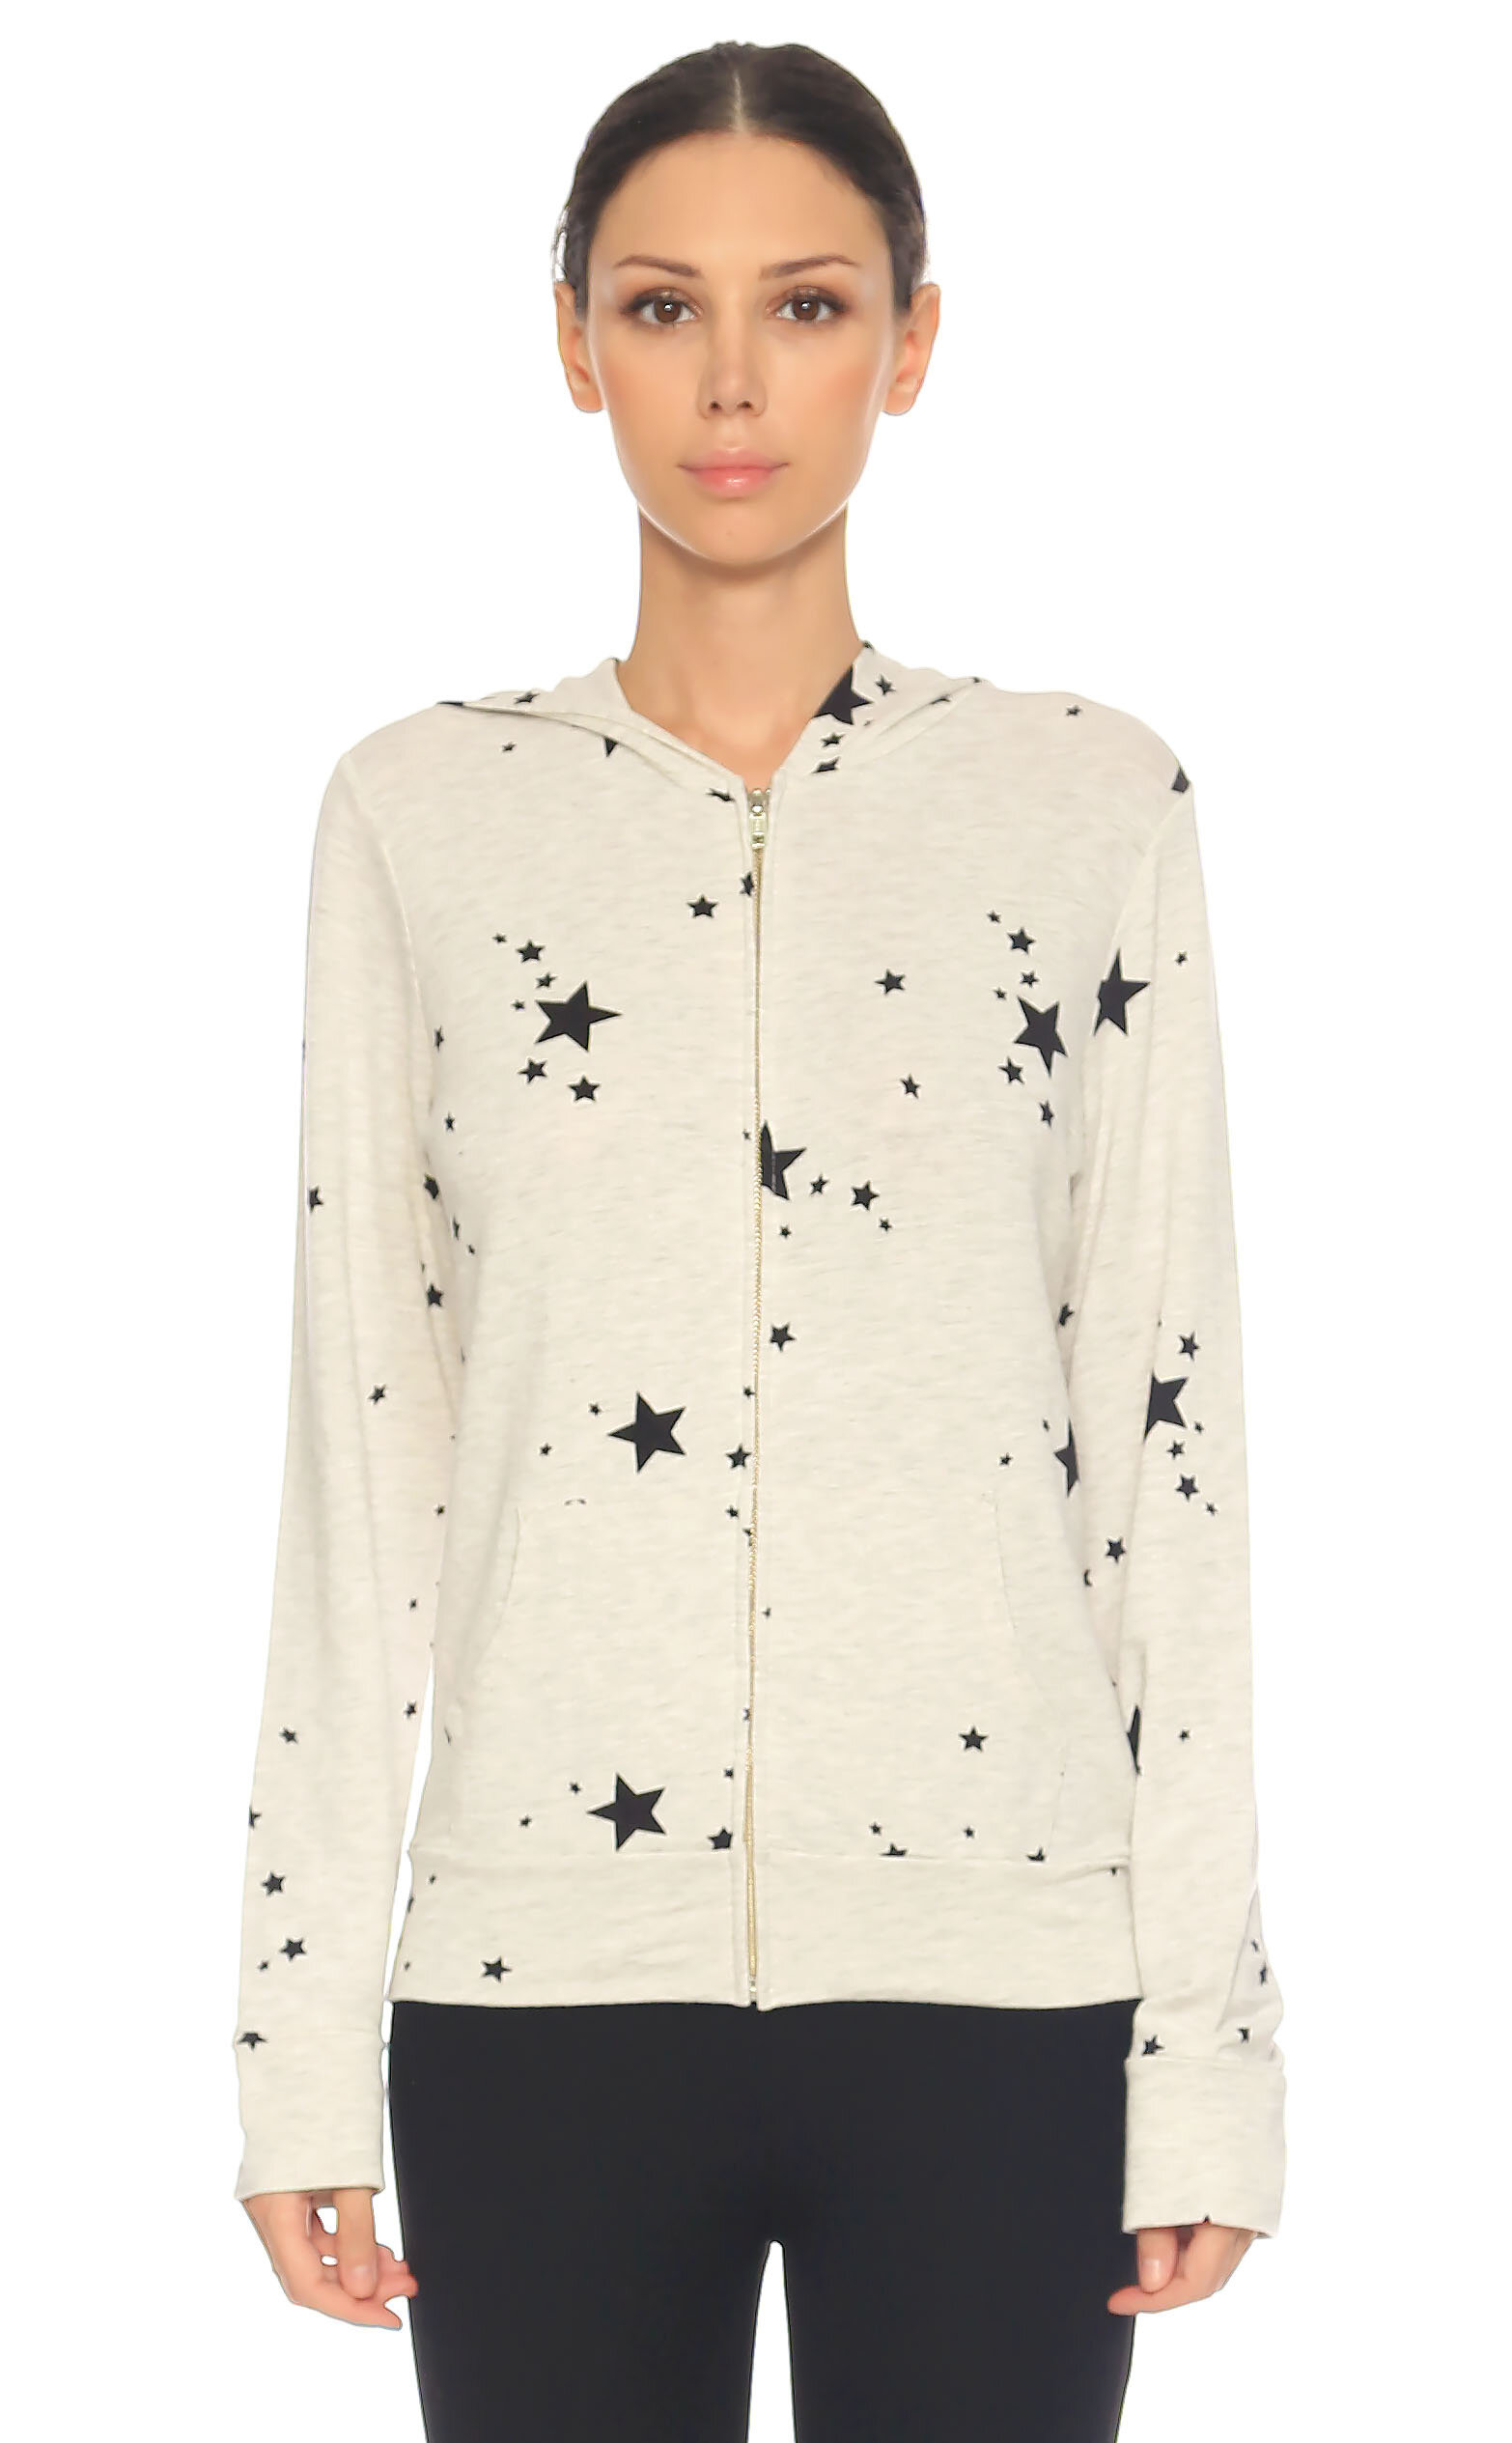 Monrow-Monrow Kapüşonlu Yıldız Baskılı Gri Sweatshirt